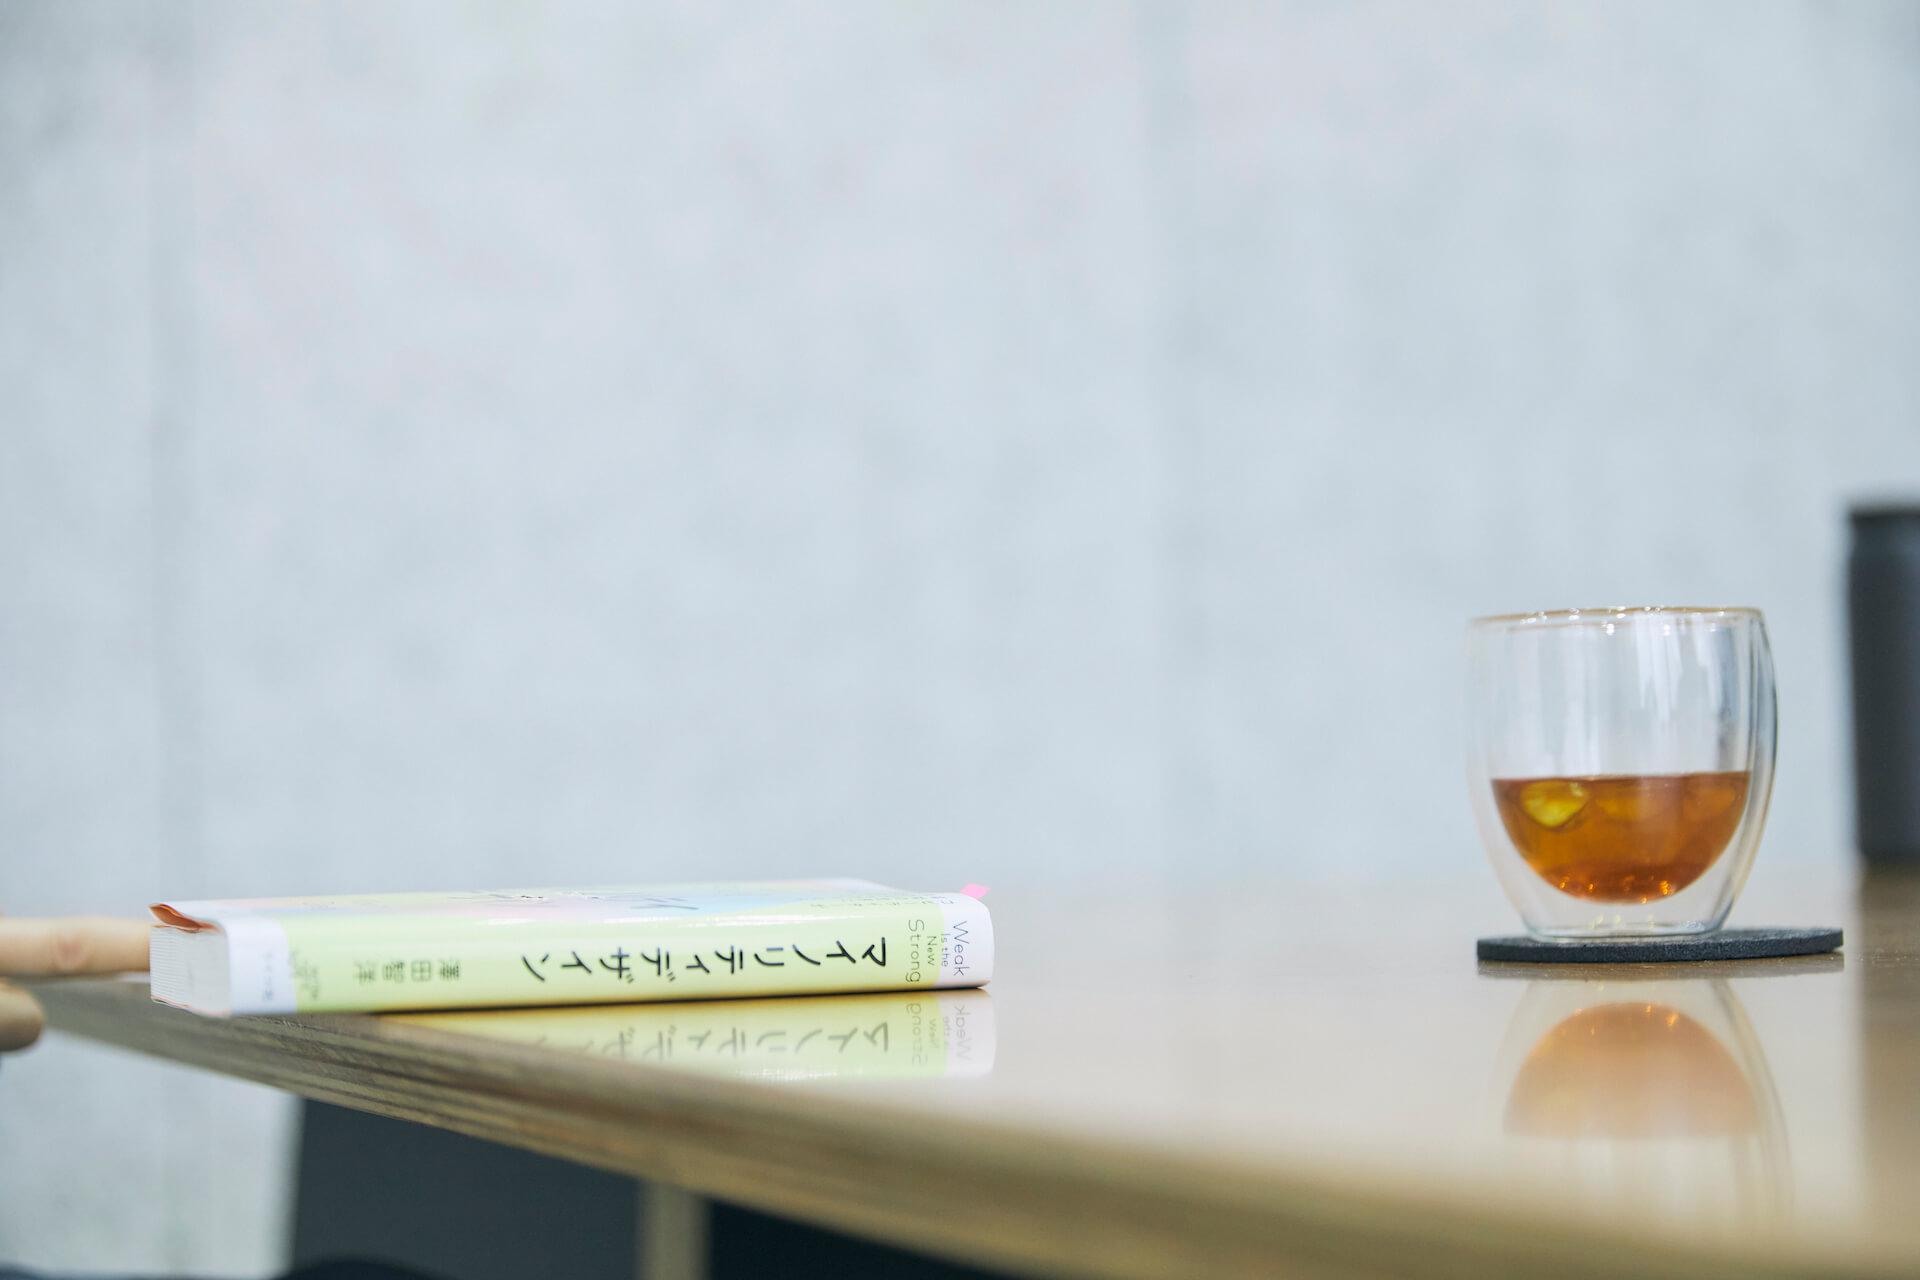 対談:澤田智洋(『マイノリティデザイン』)×柴田隆浩(忘れらんねえよ) 負けてる世界は美しい、それを愛して歌うというデザイン interview210419_sawada-09